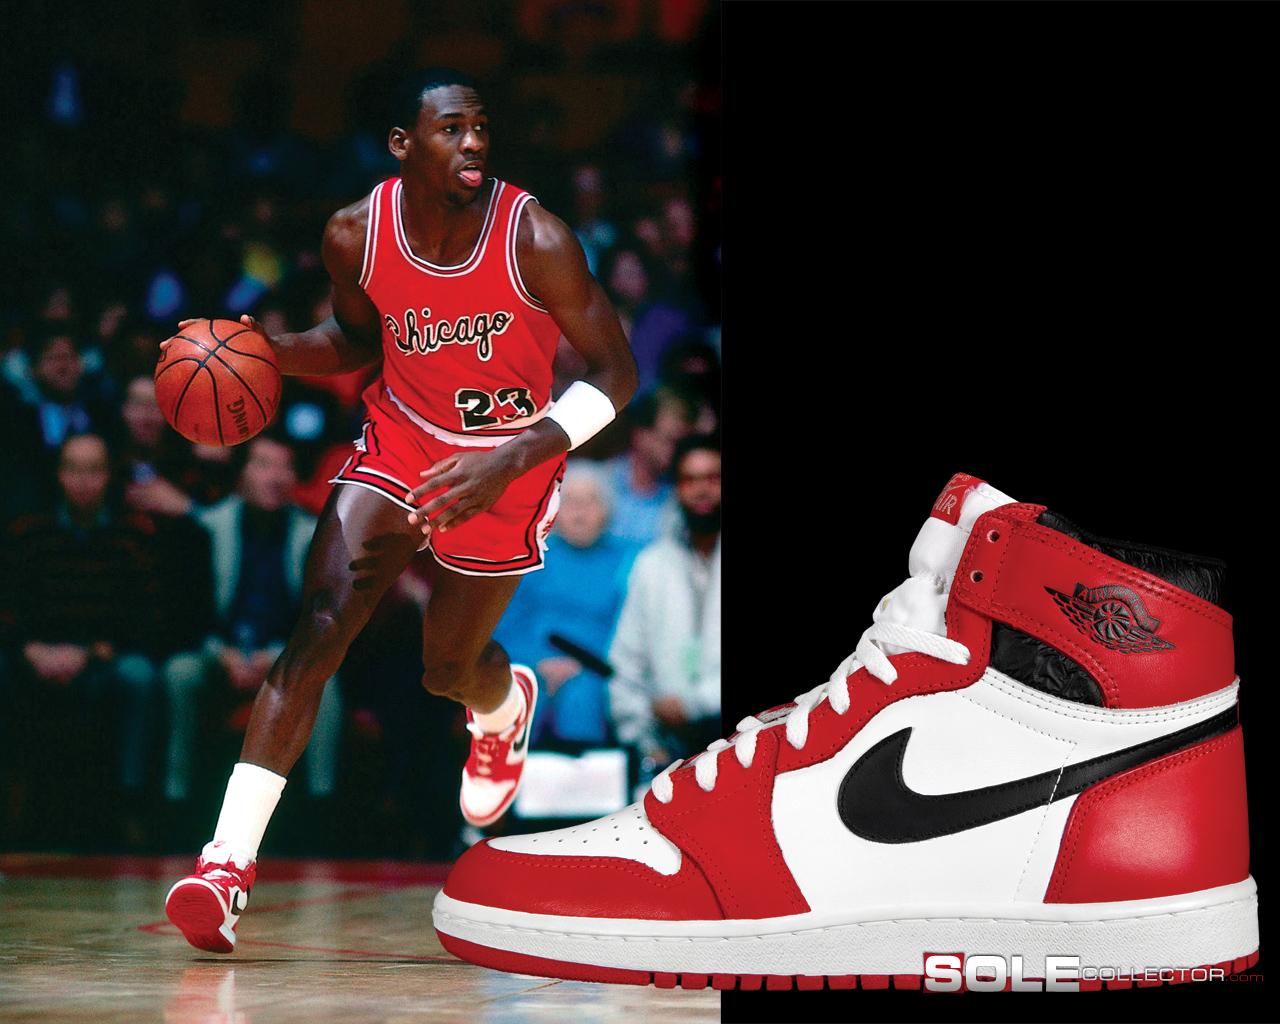 buy online c8a41 886a2 ... Fondos de pantalla de Michael Jordan Wallpapers de Michael Jordan  1280x1024 ...